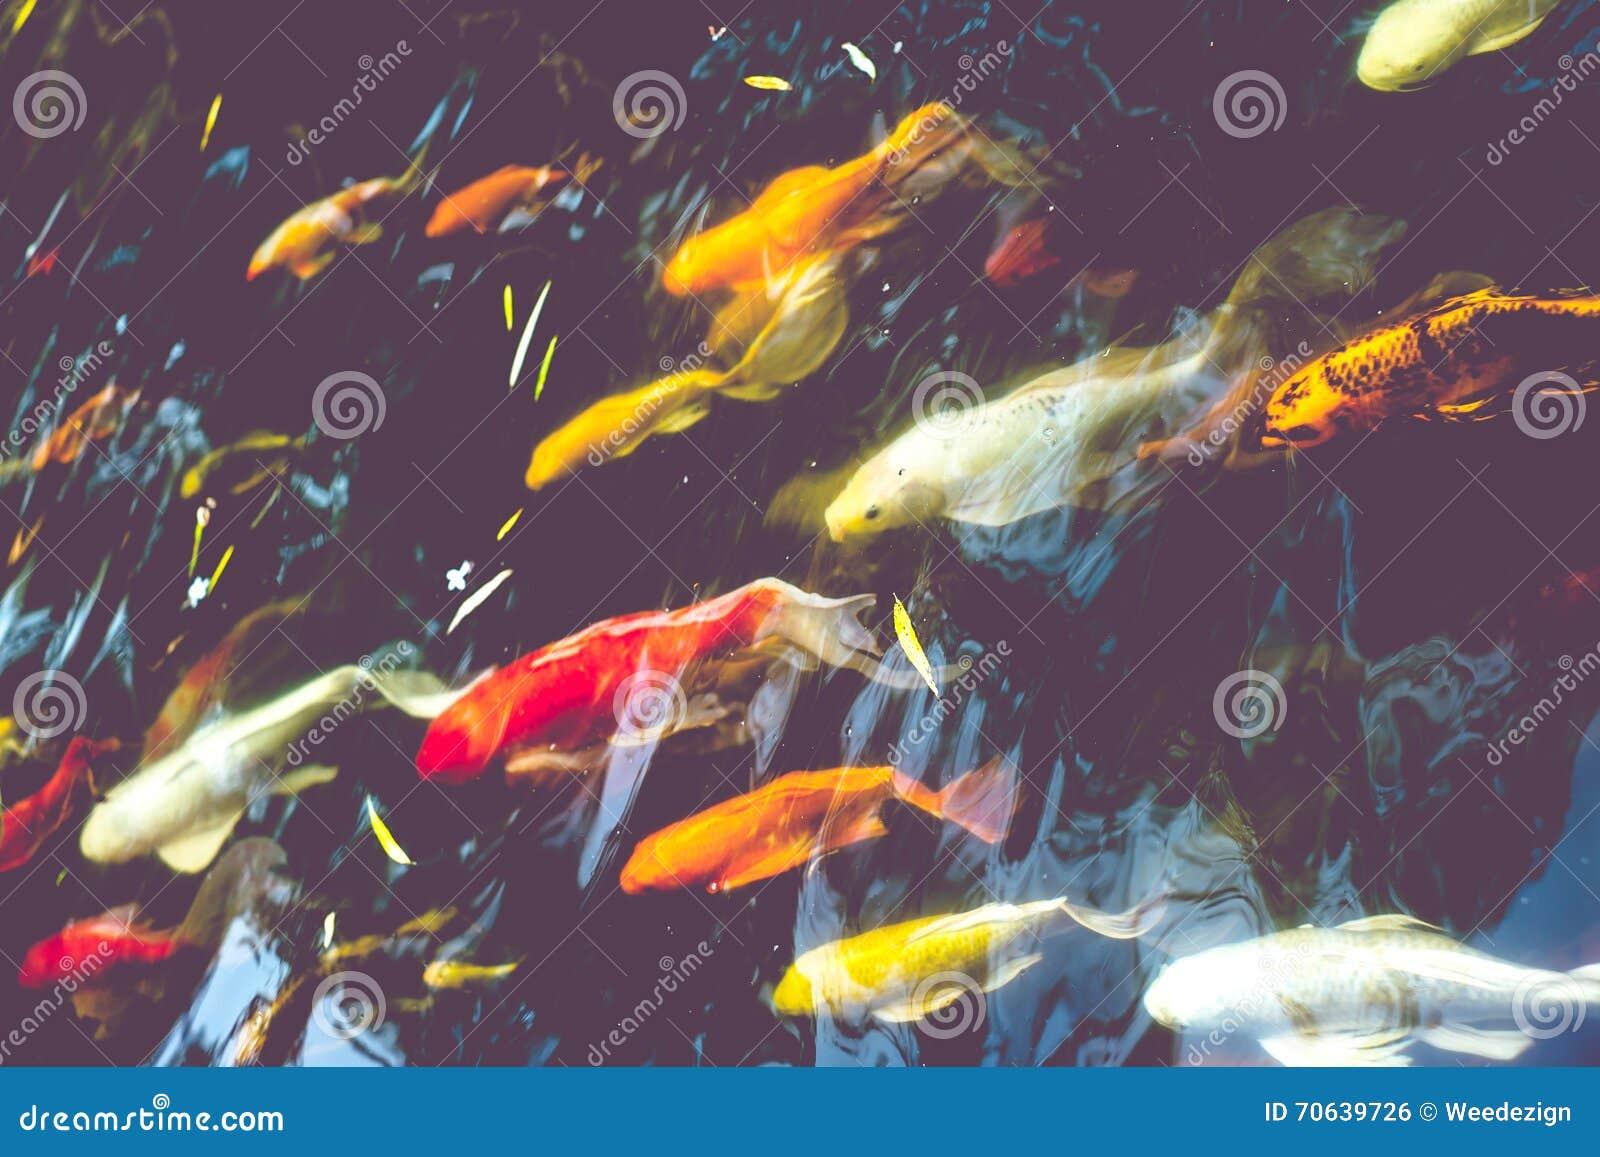 Vissen In Vijver : De menigte van koi vissen in vijver kleurrijke natuurlijke